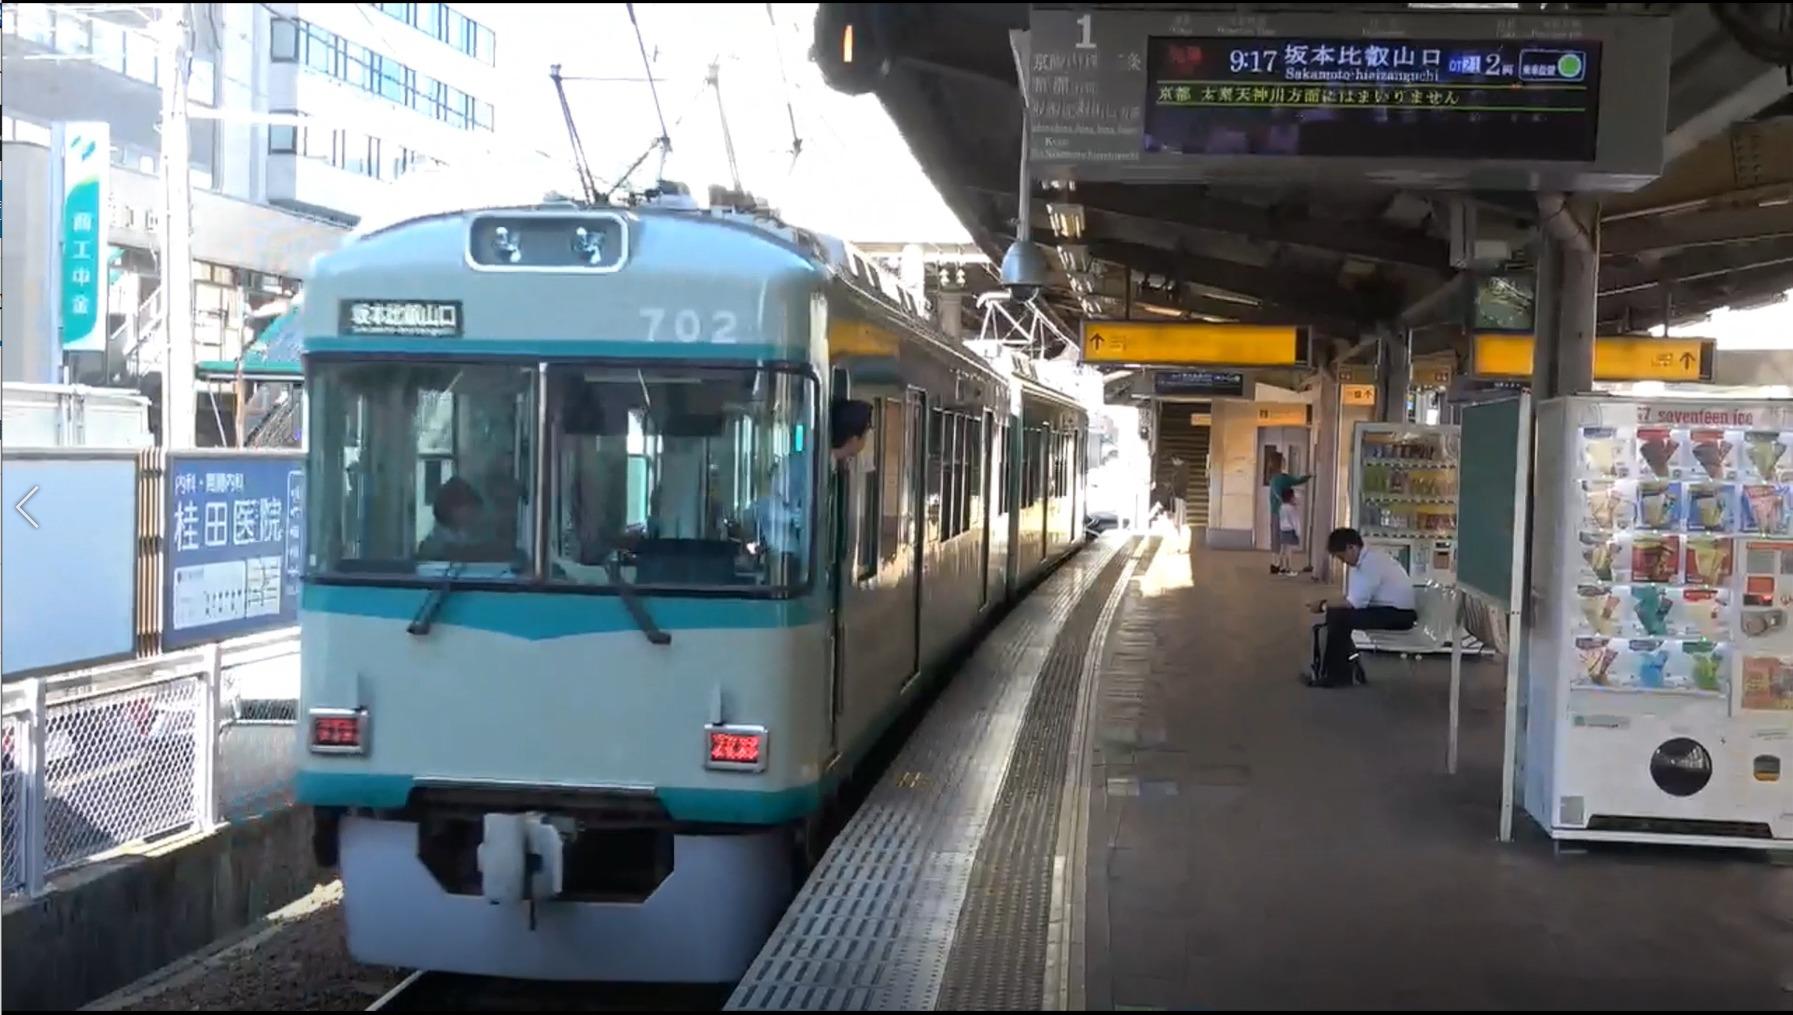 京阪京津線の路面電車と並走してきた 地域密着型路線 びわ湖浜大津駅